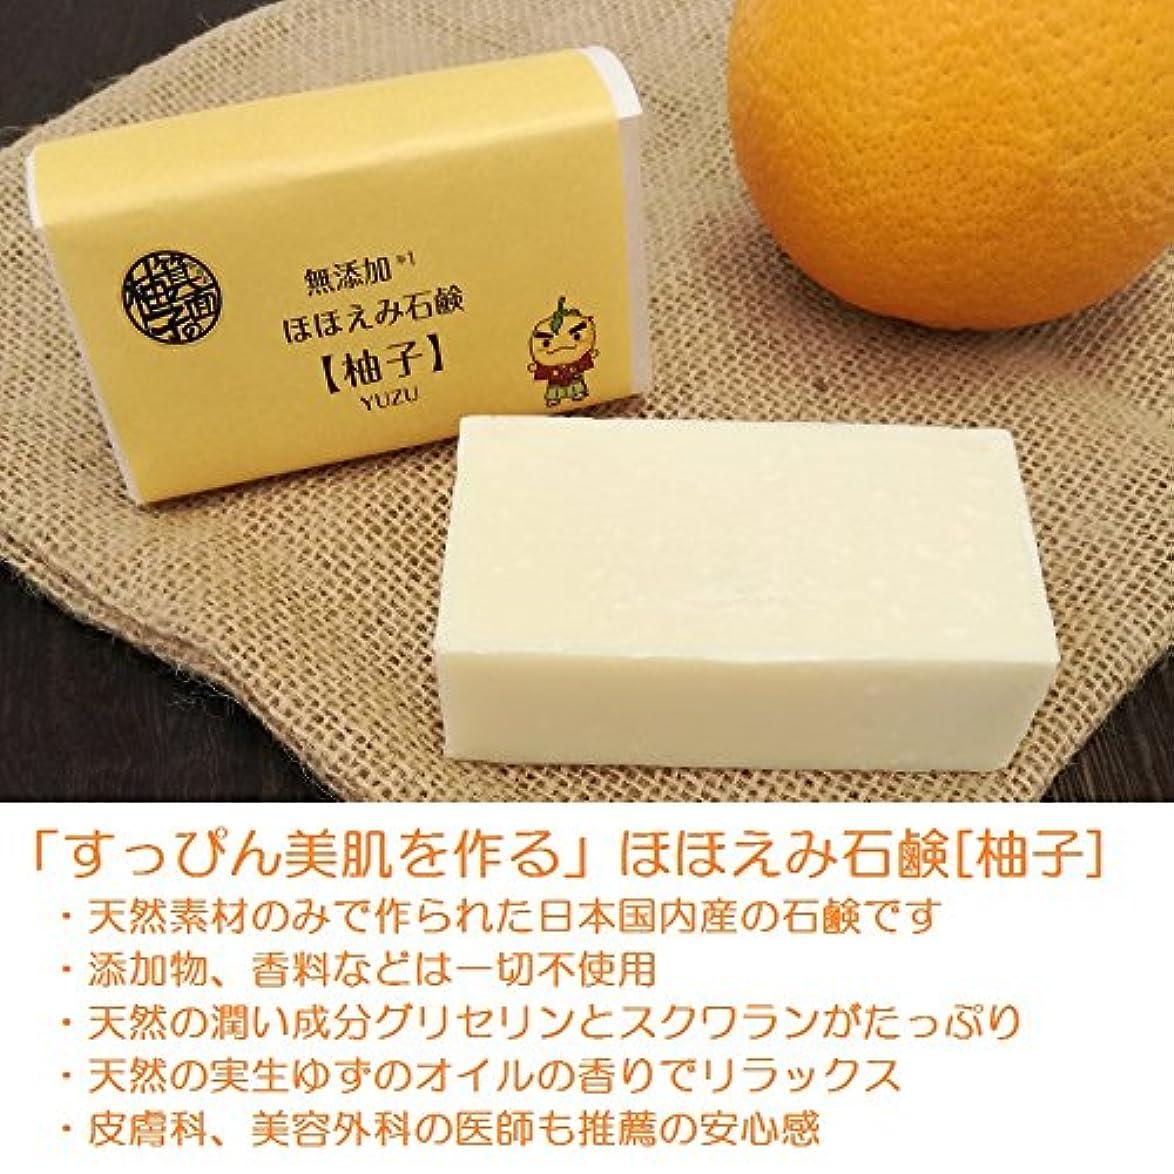 よく話されるキリマンジャロ換気するすっぴん美肌を作る ほほえみ石鹸 柚子 オリーブオイル 無添加 オーガニック 日本製 80g